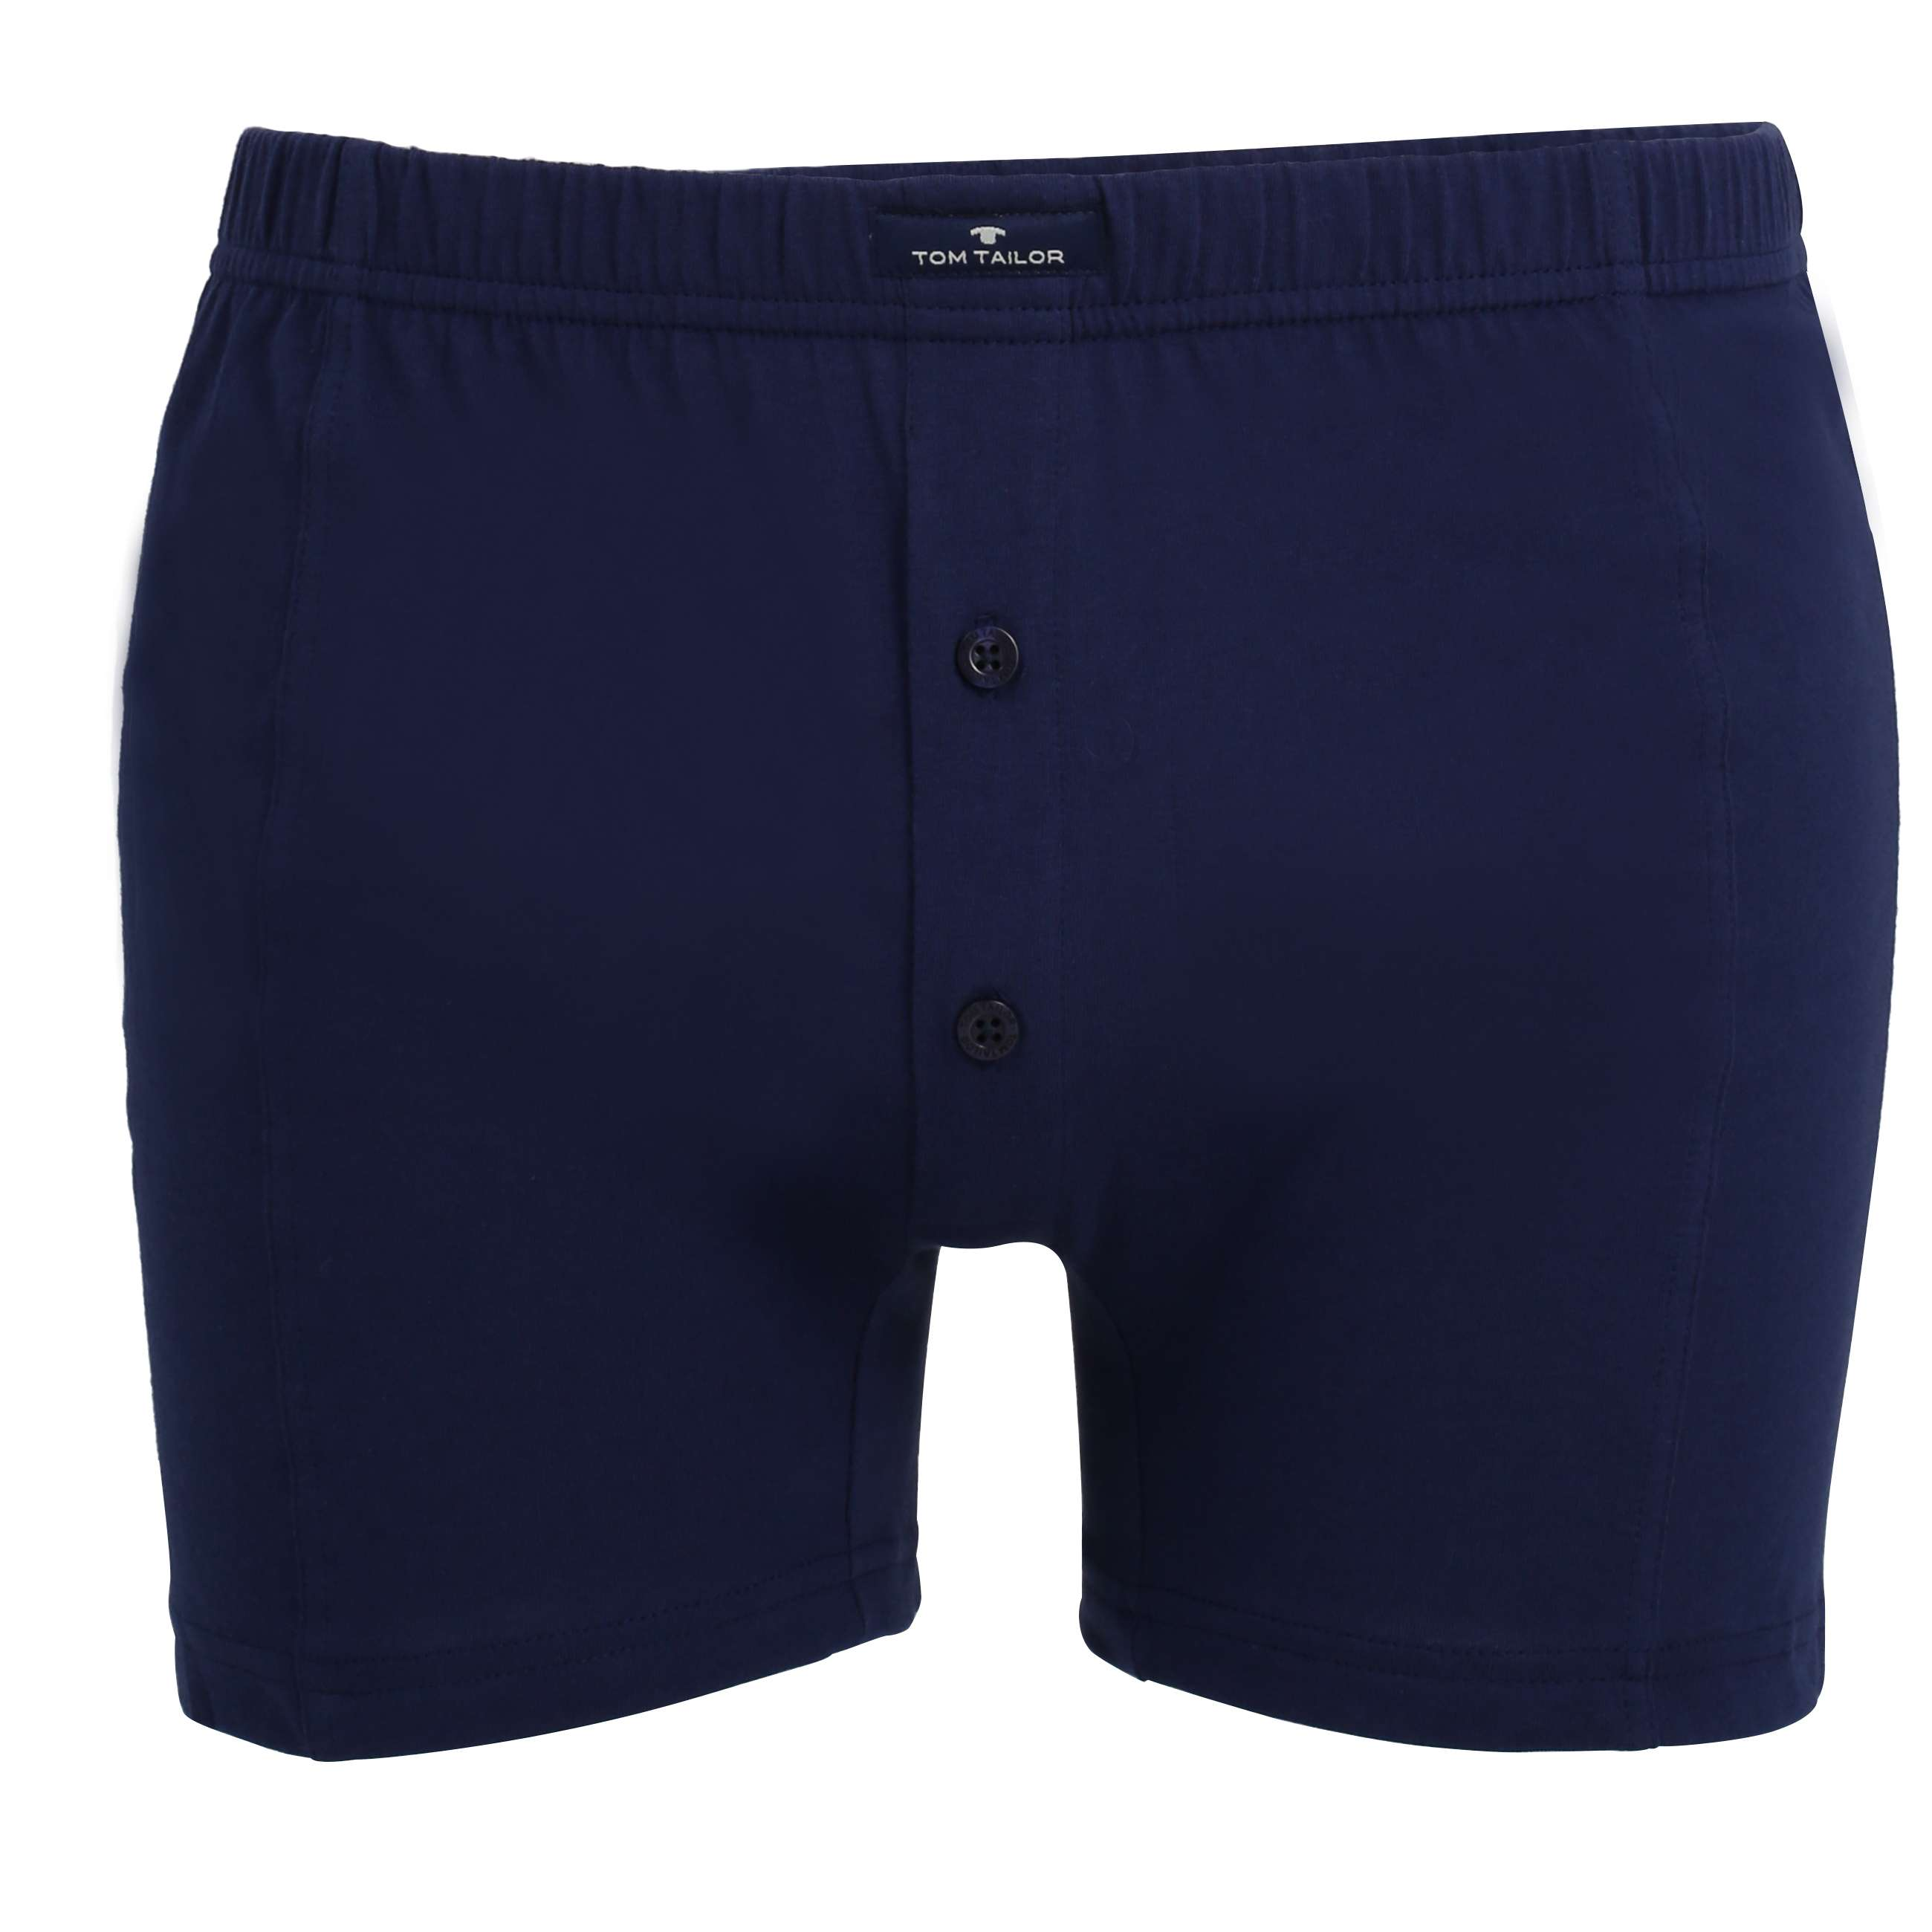 tom tailor herren boxershort blau uni 2er pack set. Black Bedroom Furniture Sets. Home Design Ideas